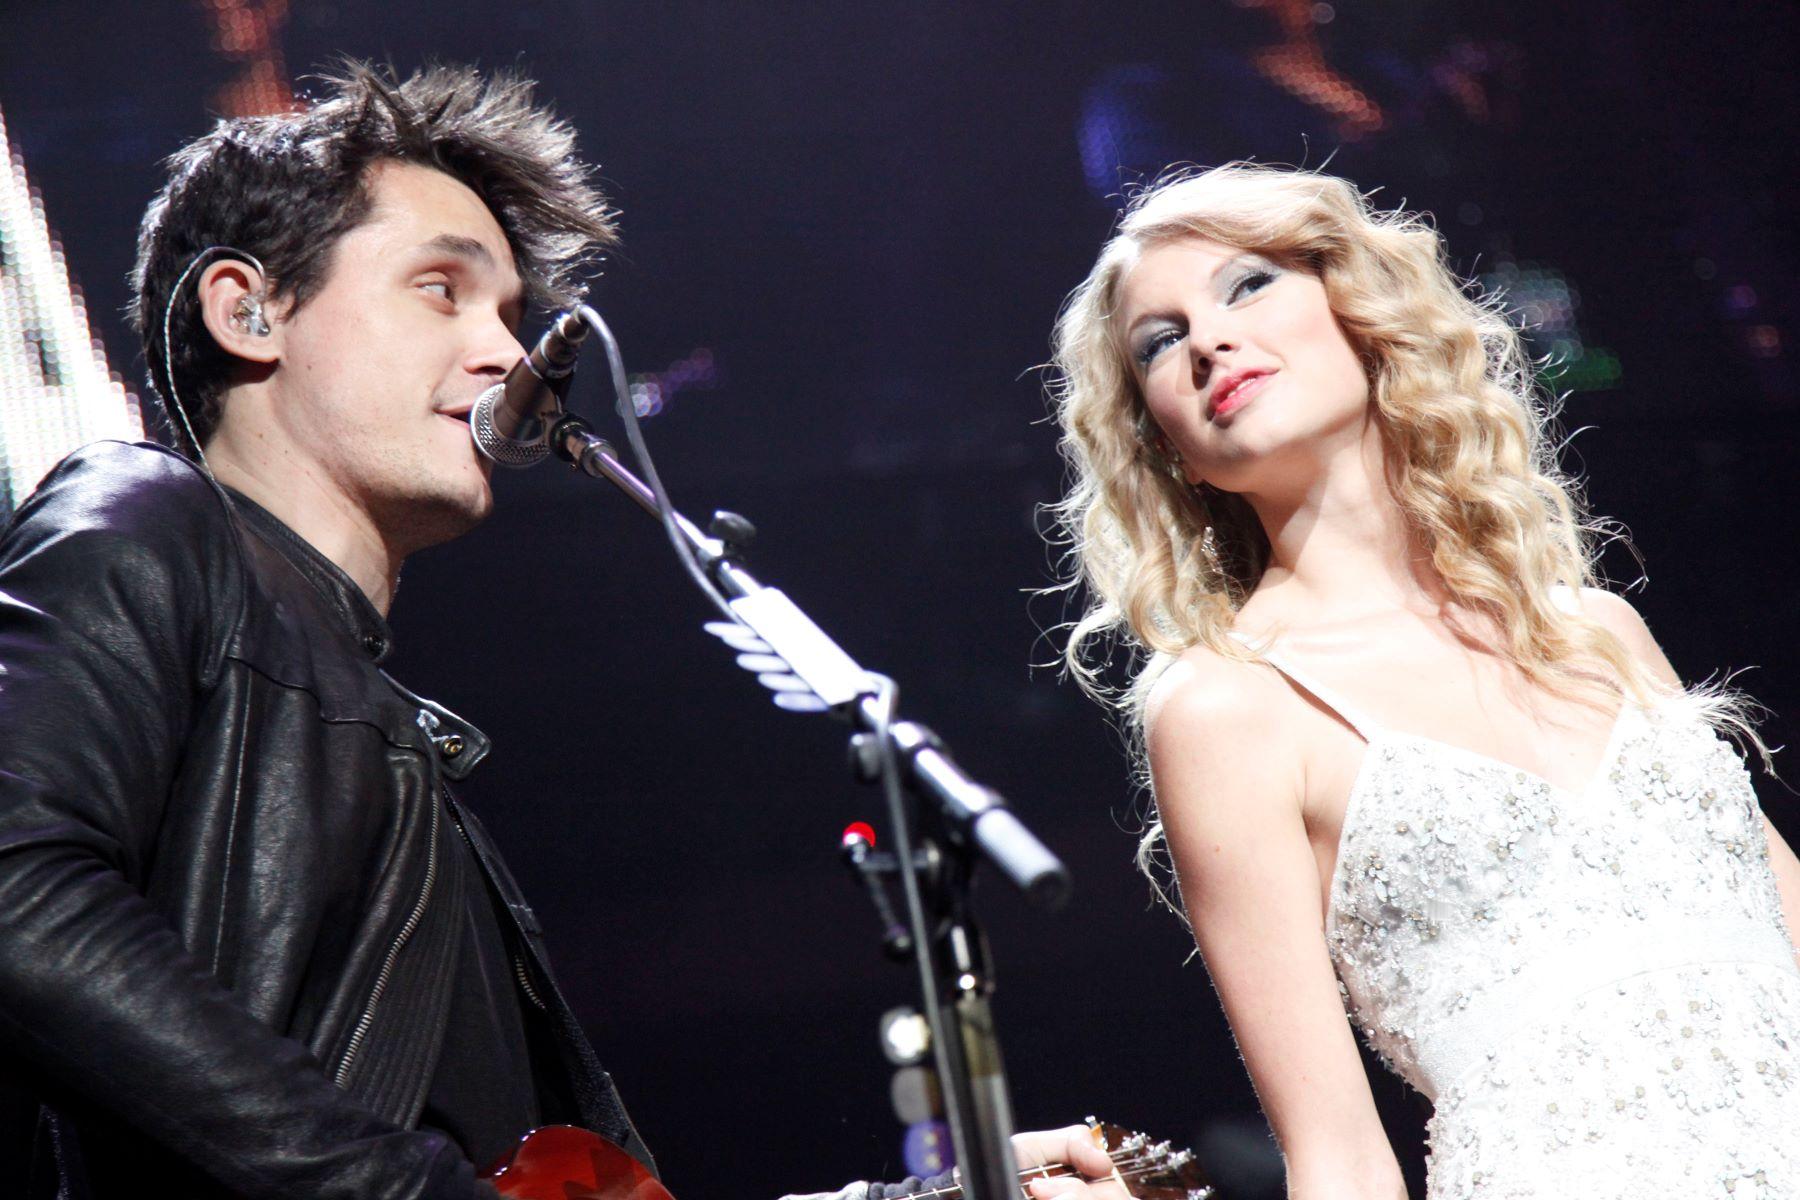 John Mayer and Taylor Swift attend Z100 JINGLE BALL 2009